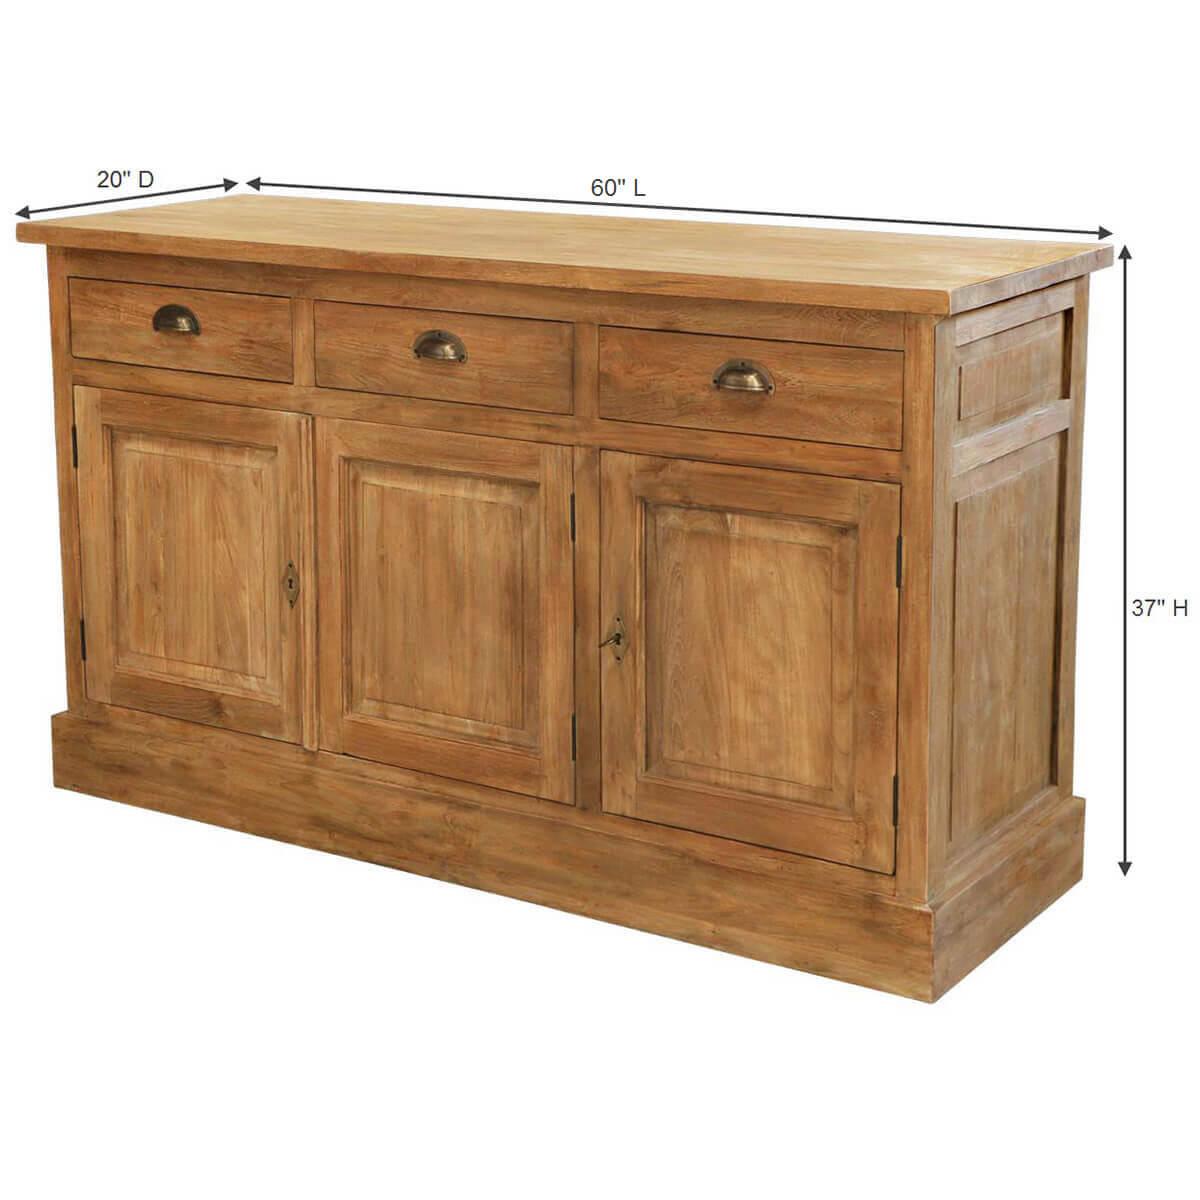 Heurich traditional reclaimed teak wood drawer sideboard